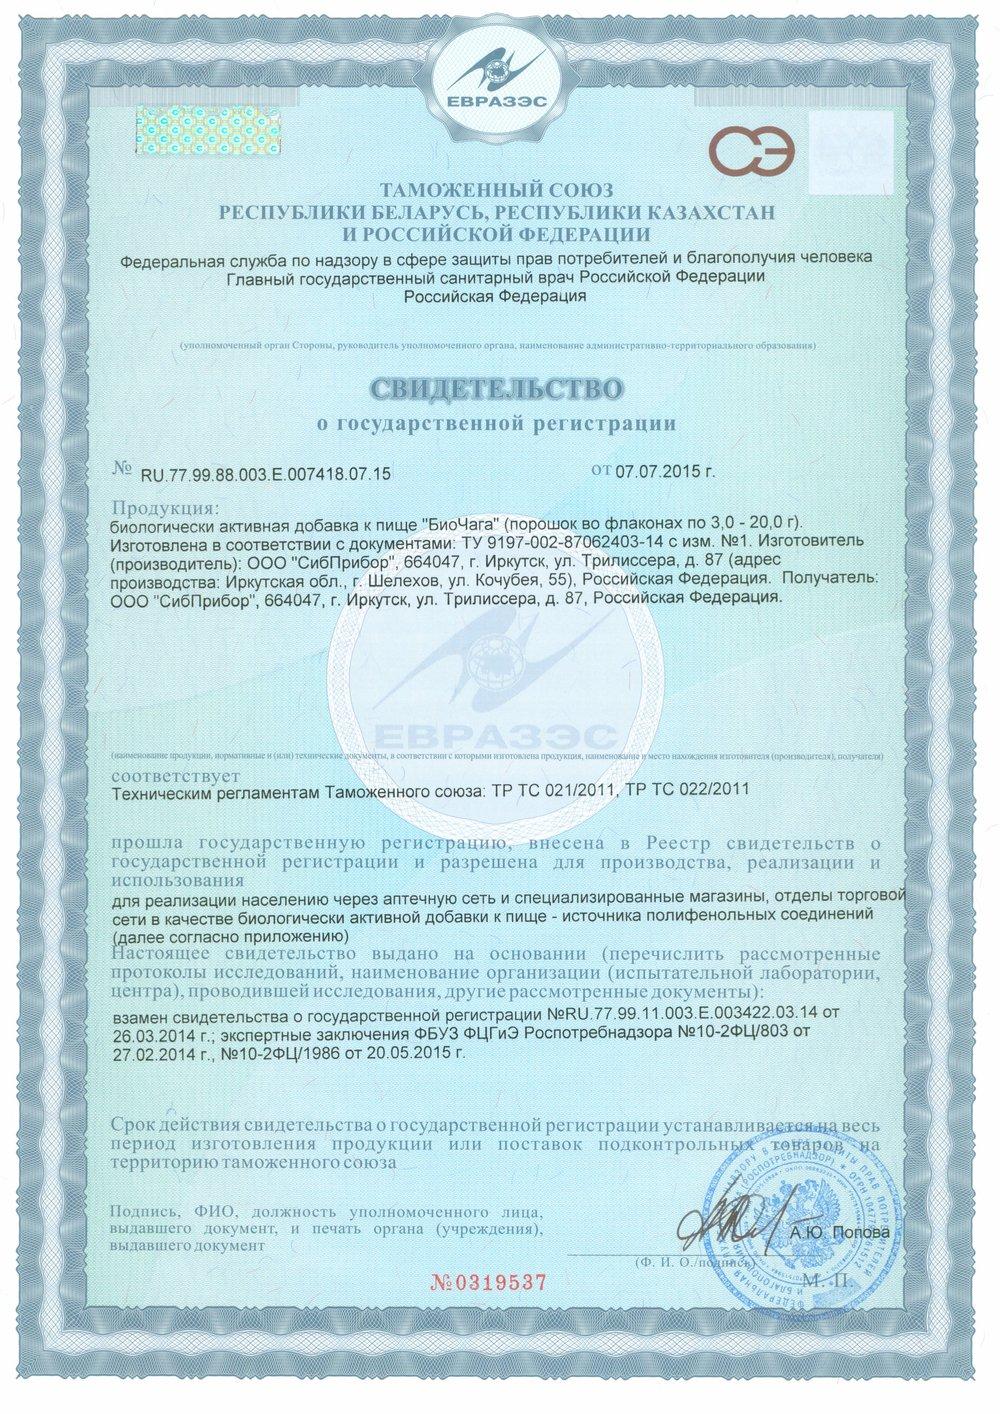 Приложение к Свидетельству о государственной регистрации БиоЧага